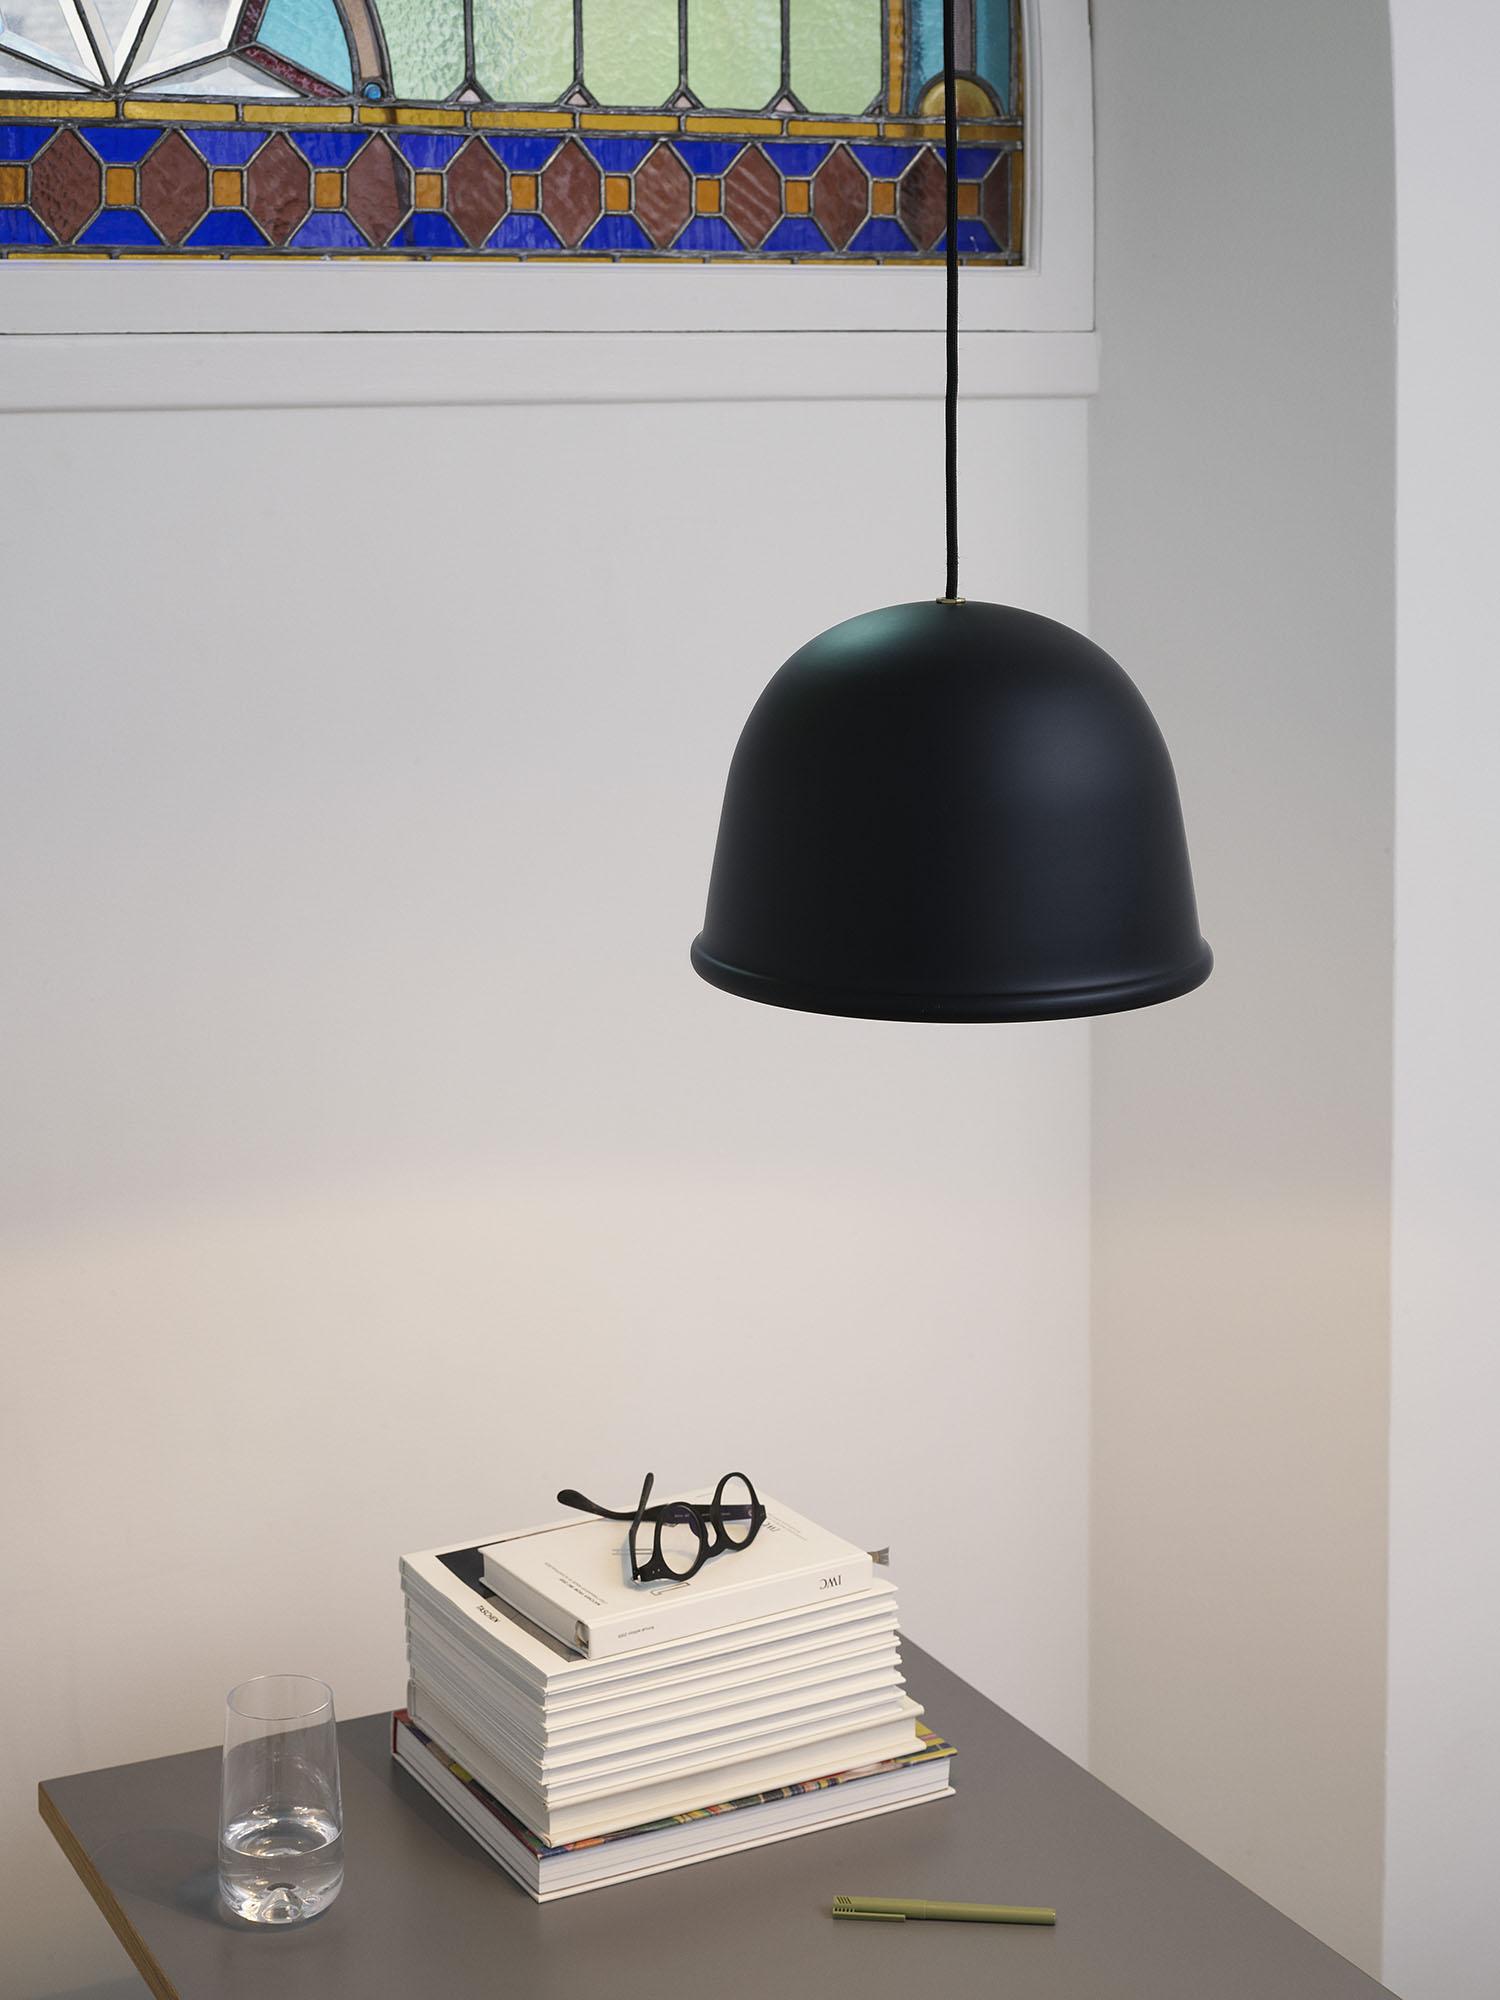 Local Lamp (2018)